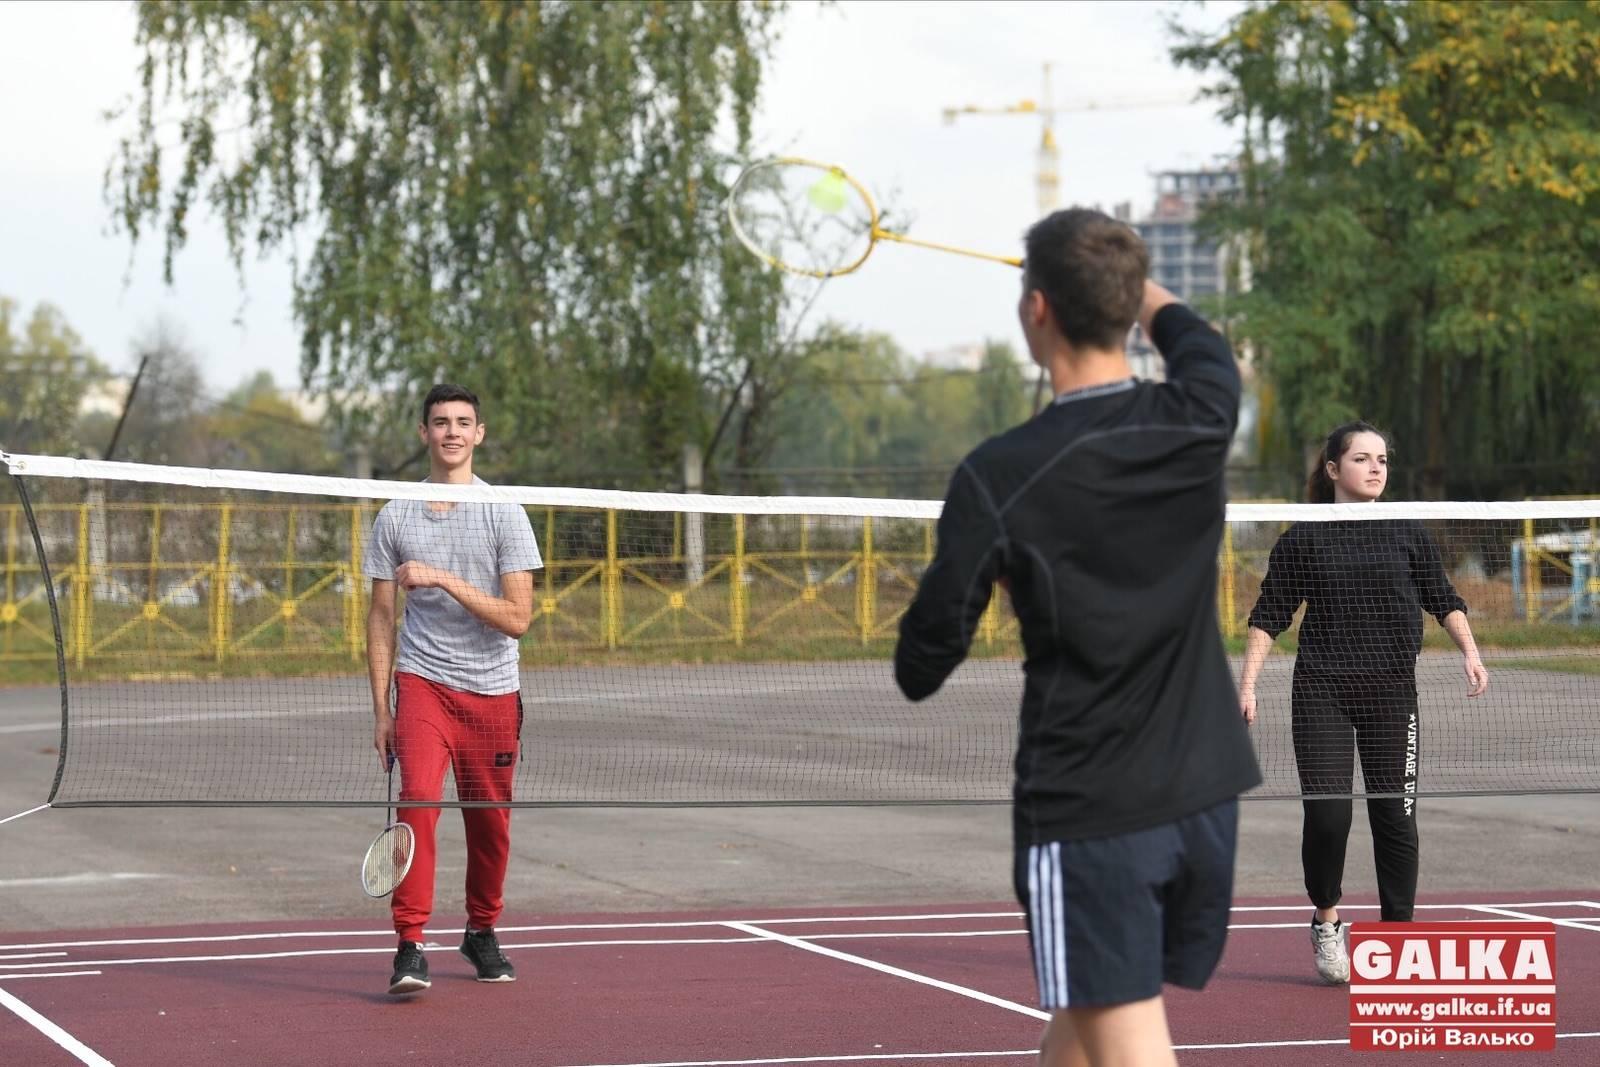 В Івано-Франківську відкрили професійний майданчик для гри у бадмінтон (ФОТО)